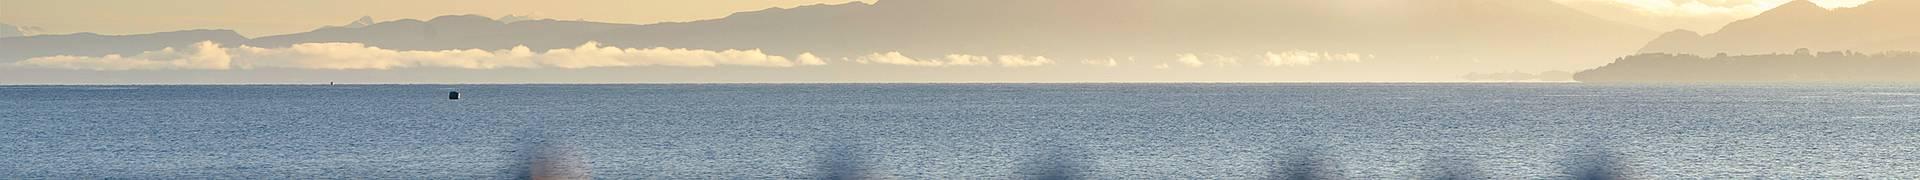 Région des Grands Lacs du Chili